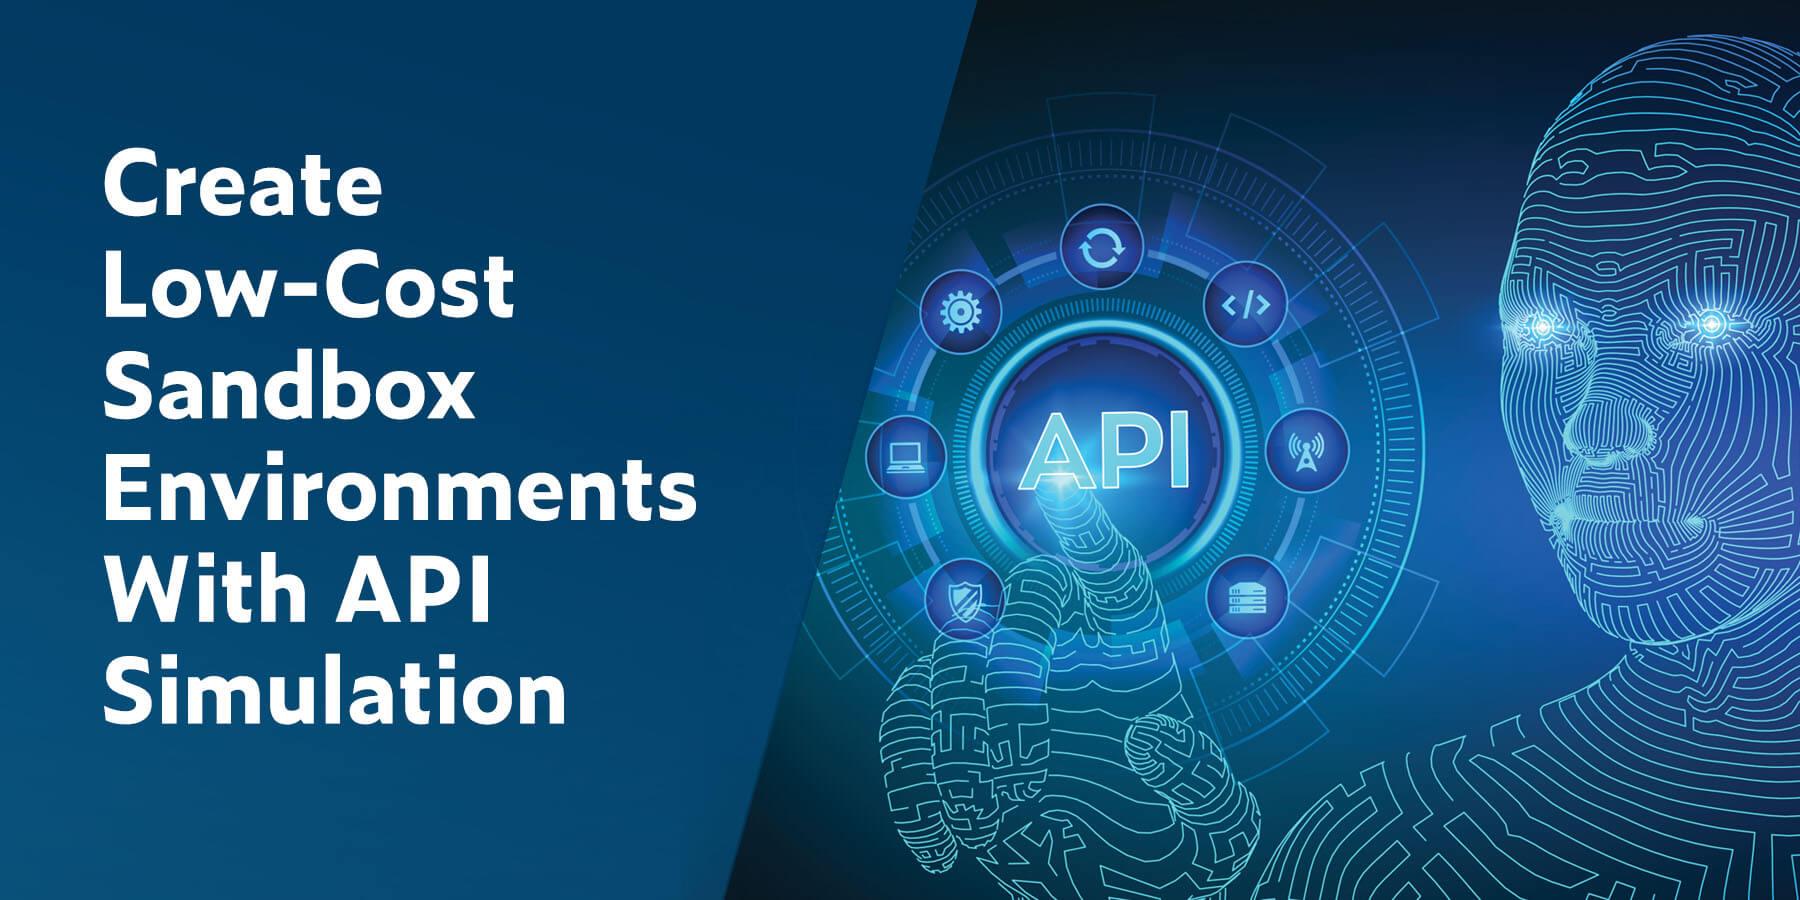 Cree entornos de espacio aislado de bajo costo con simulación de API